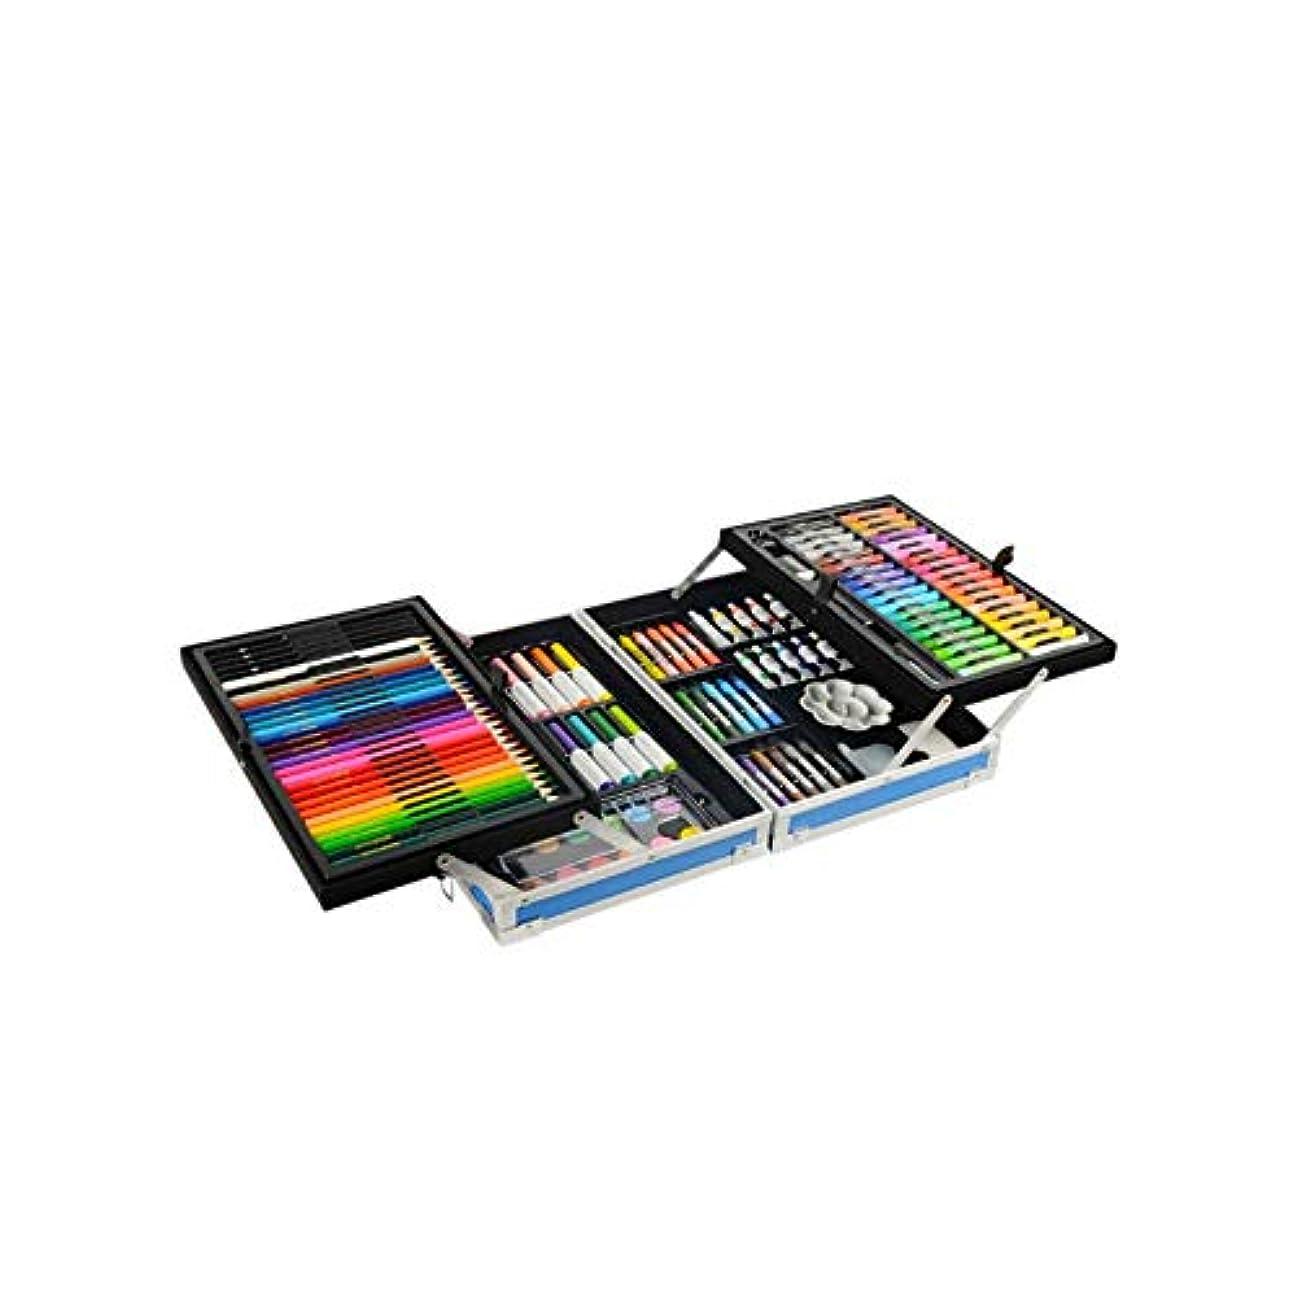 コーチ金曜日余暇Wuhuizhenjingxiaobu001 ペイントブラシ、132二重層アルミニウム合金モデルの完全なブラシセット、ハイエンドギフトボックス二重層収納デザイン、さまざまなタイプのブラシコレクション(スタイル1 /スタイル2 /スタイル3,132) 良い着色効果 (Color : Style 3, Size : 132 colors)